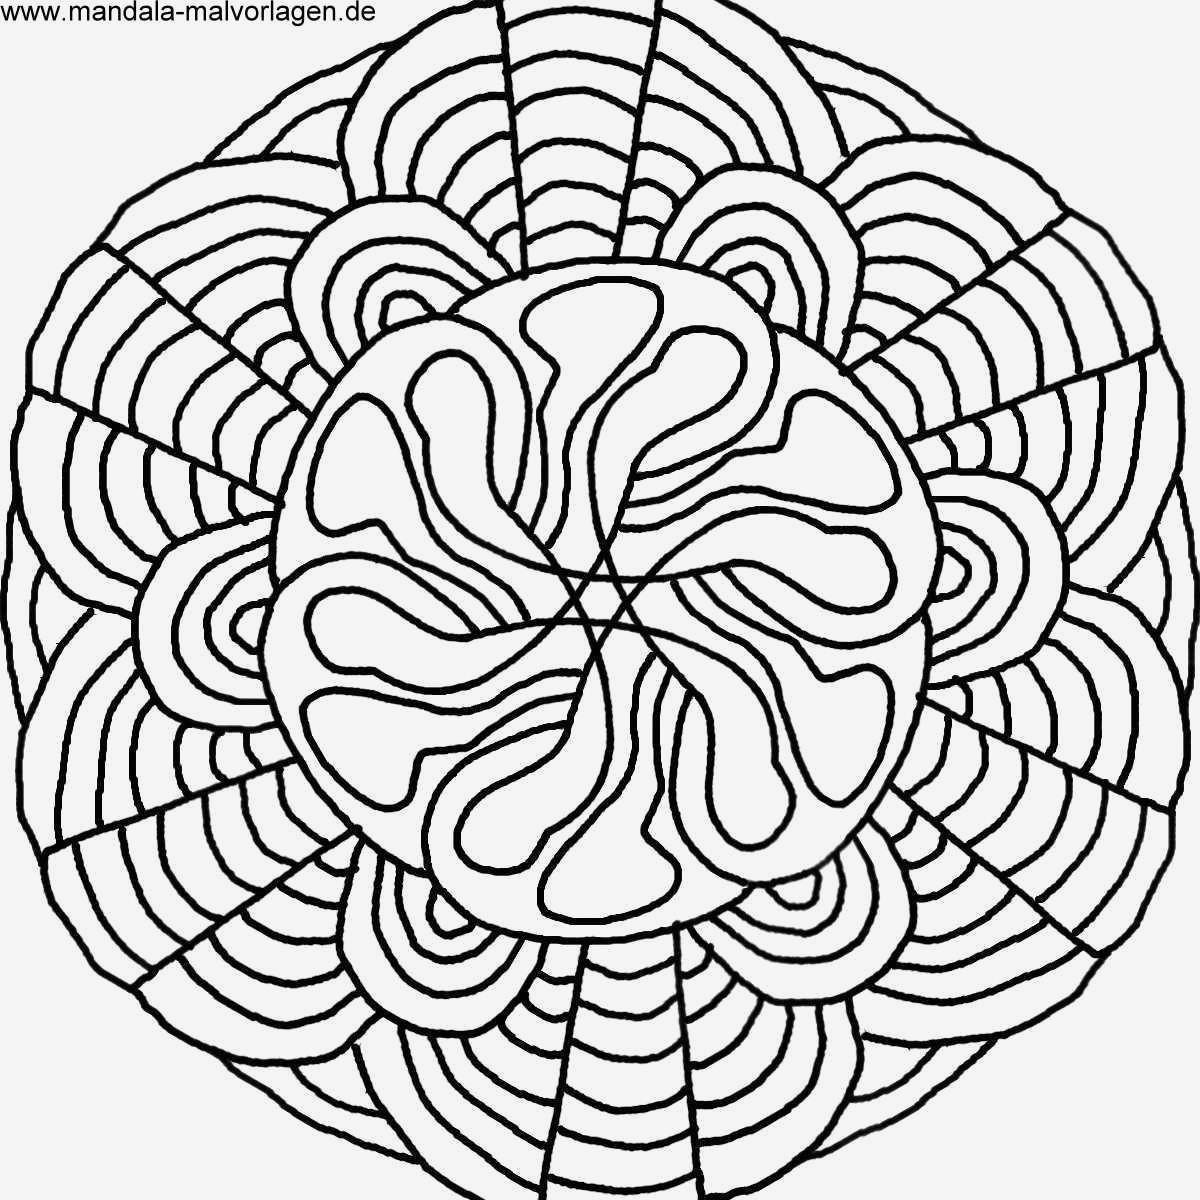 Ausmalbilder Weihnachten Eule Frisch Zentangle Vorlagen Zum Ausdrucken Neu Ausmalbilder Mandala Stock